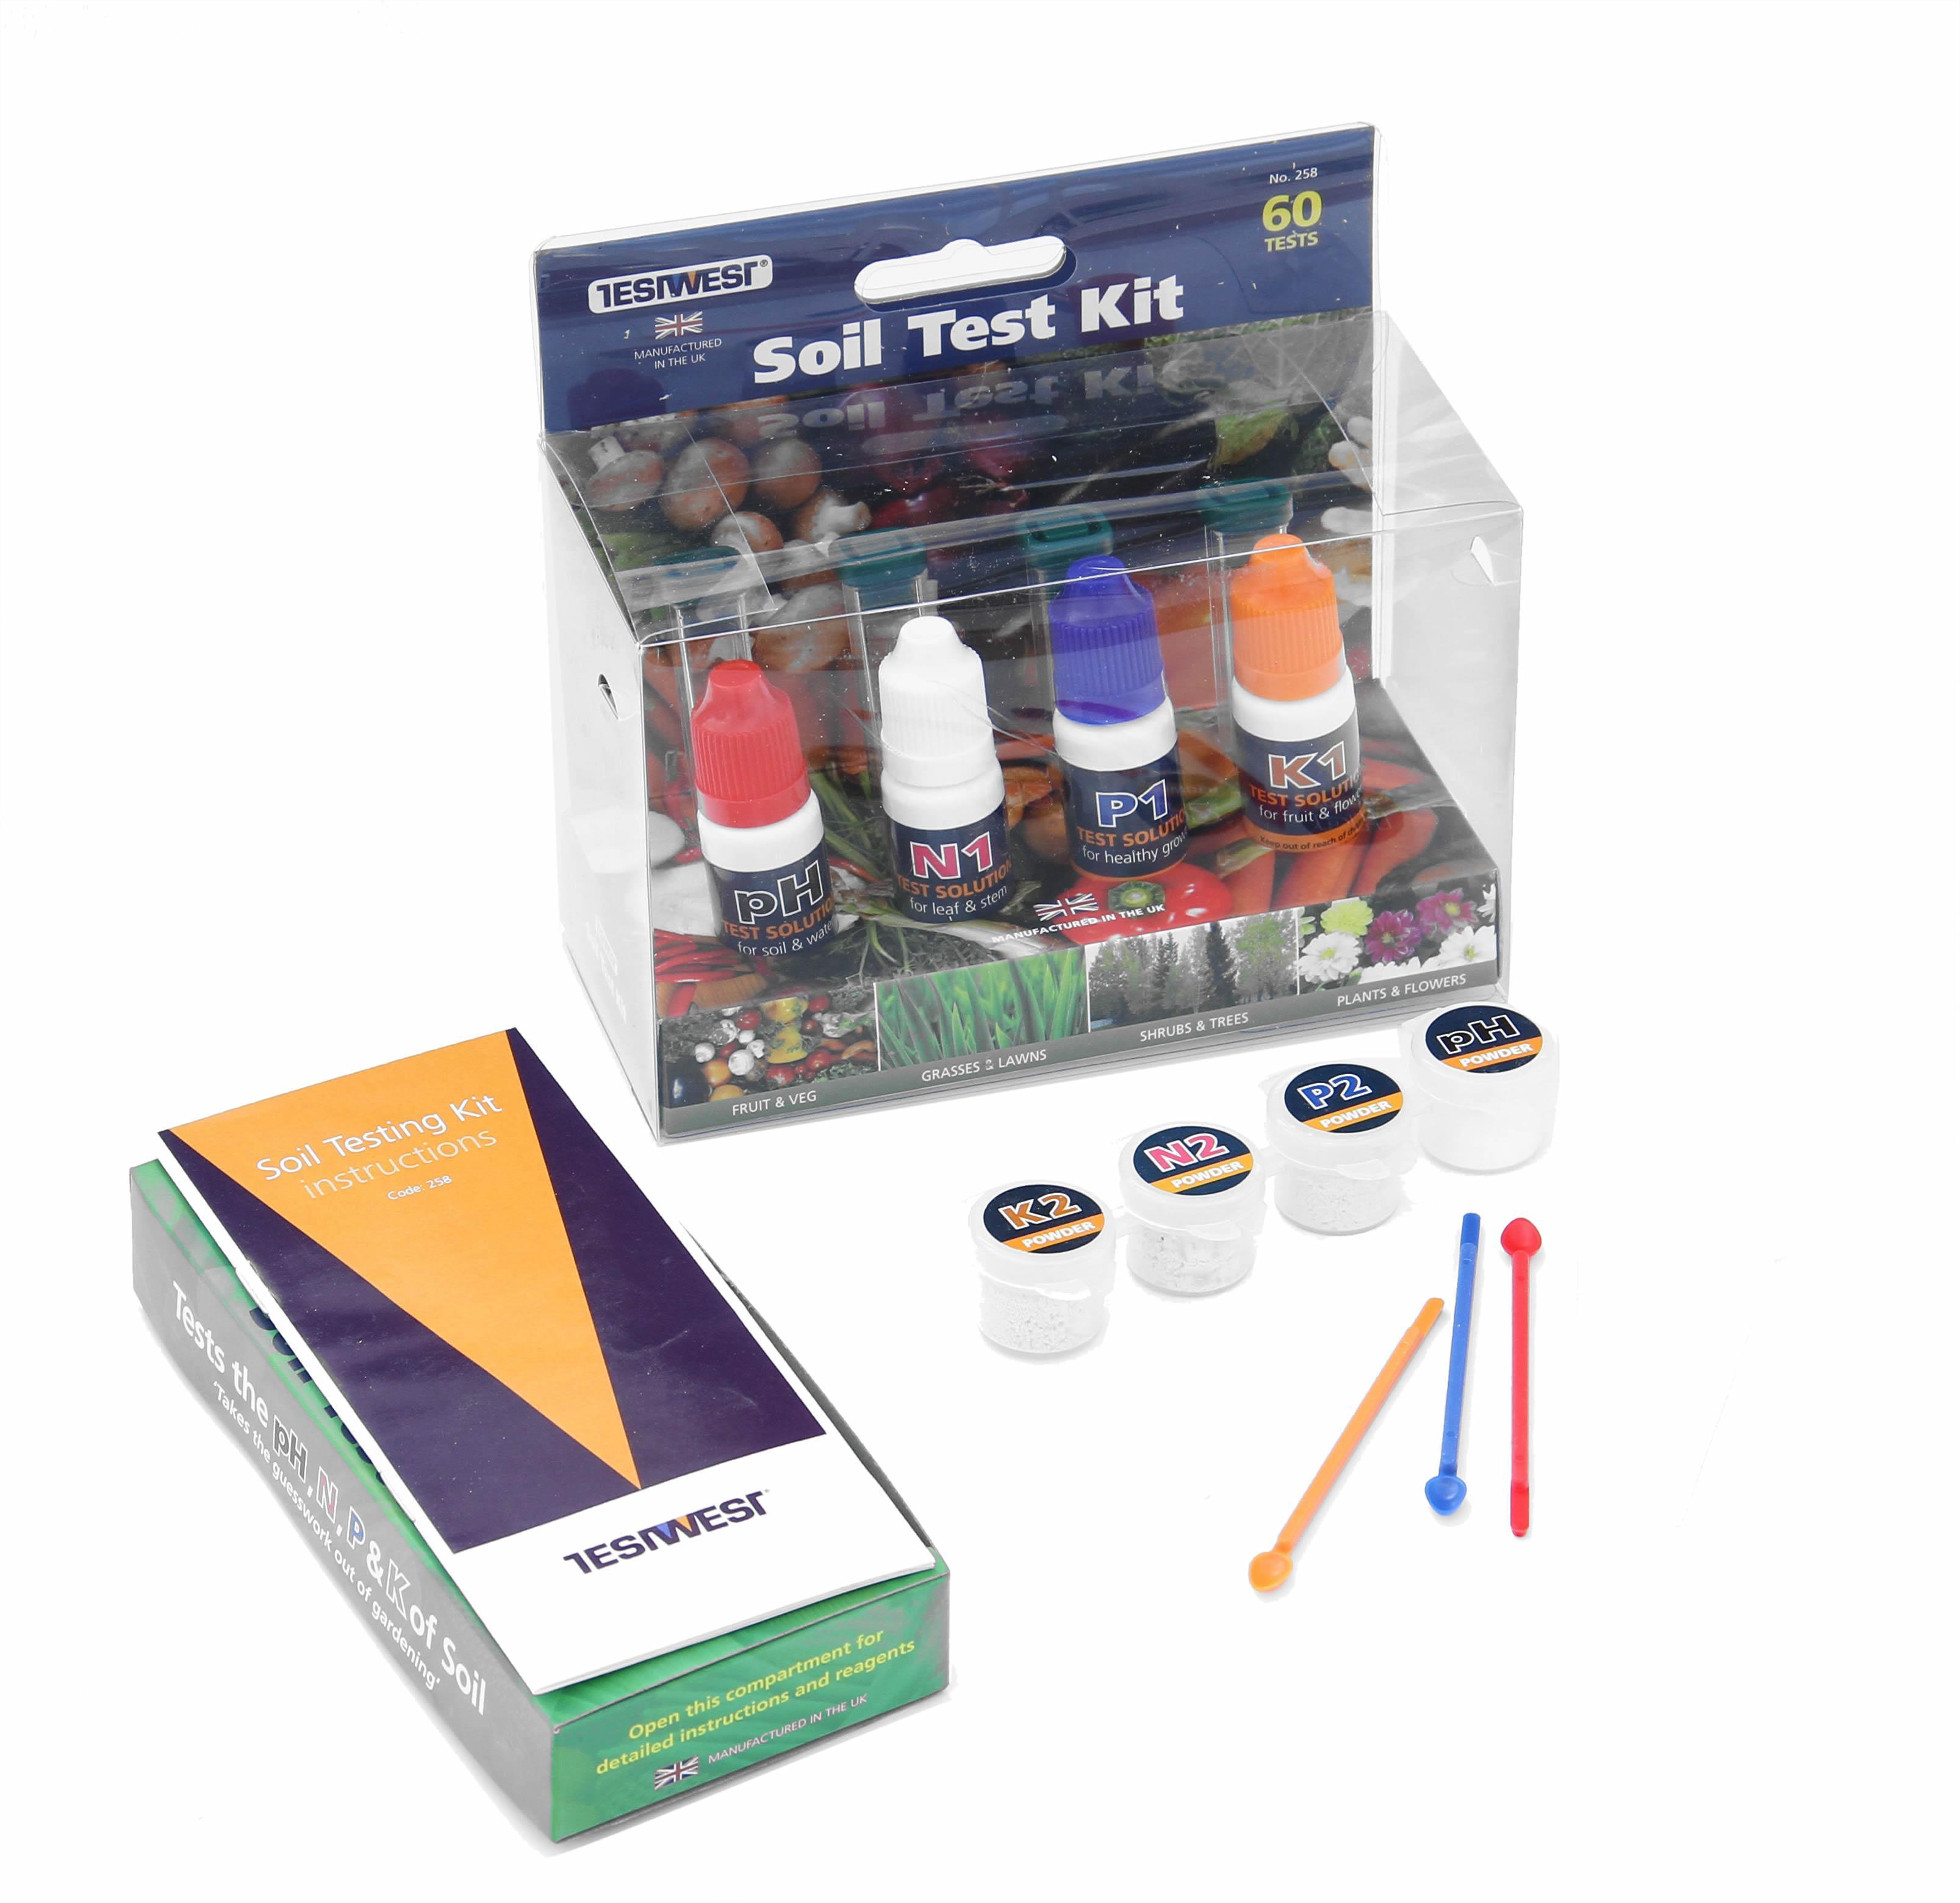 simplicity soil testing kit. Black Bedroom Furniture Sets. Home Design Ideas